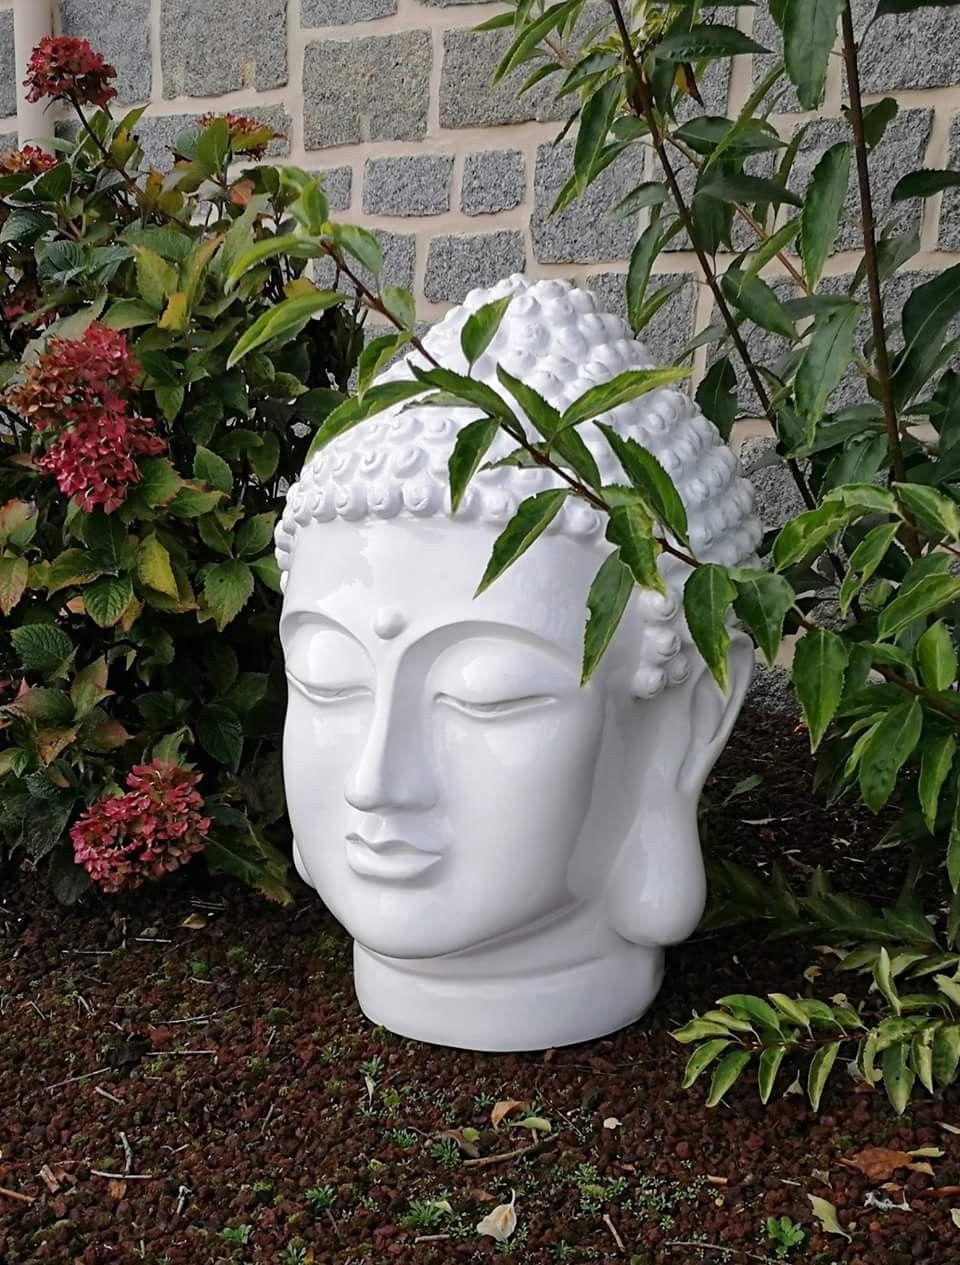 Objet Déco : Tête De Bouddha Blanche En Polyrésine Pour ... serapportantà Tete De Bouddha Pour Jardin